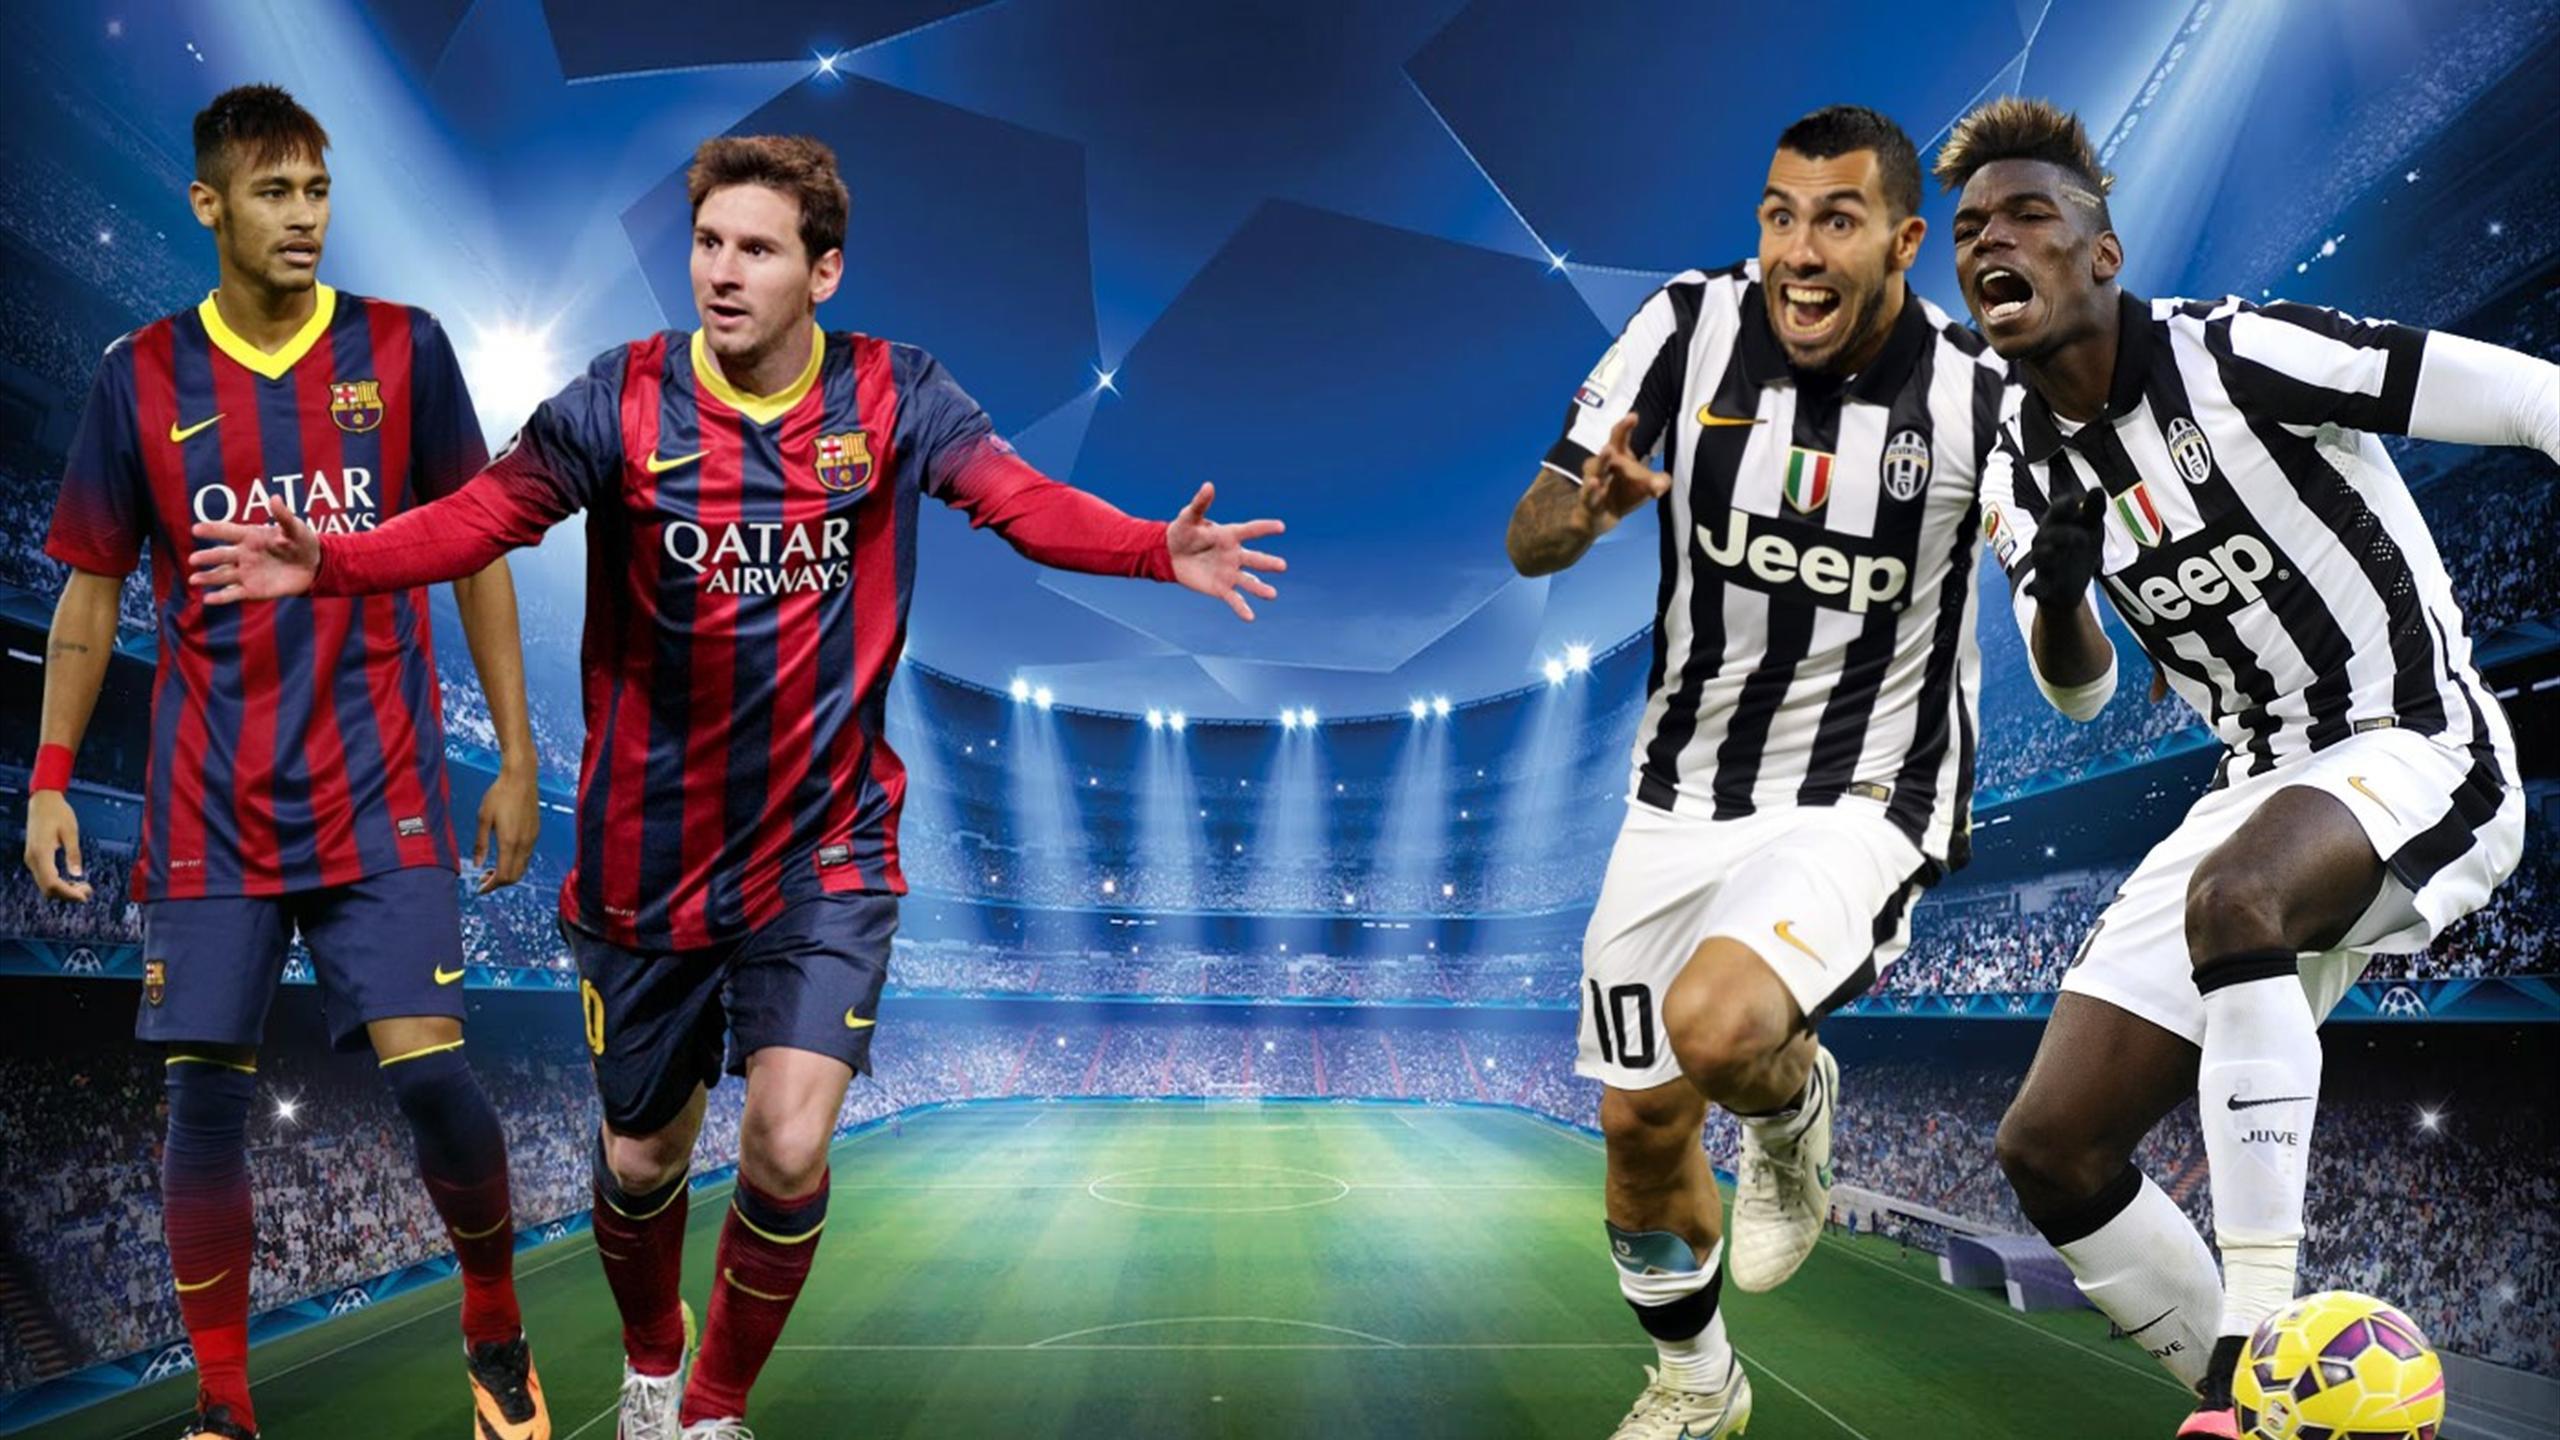 Прогнозы экспресс на футбол бесплатно